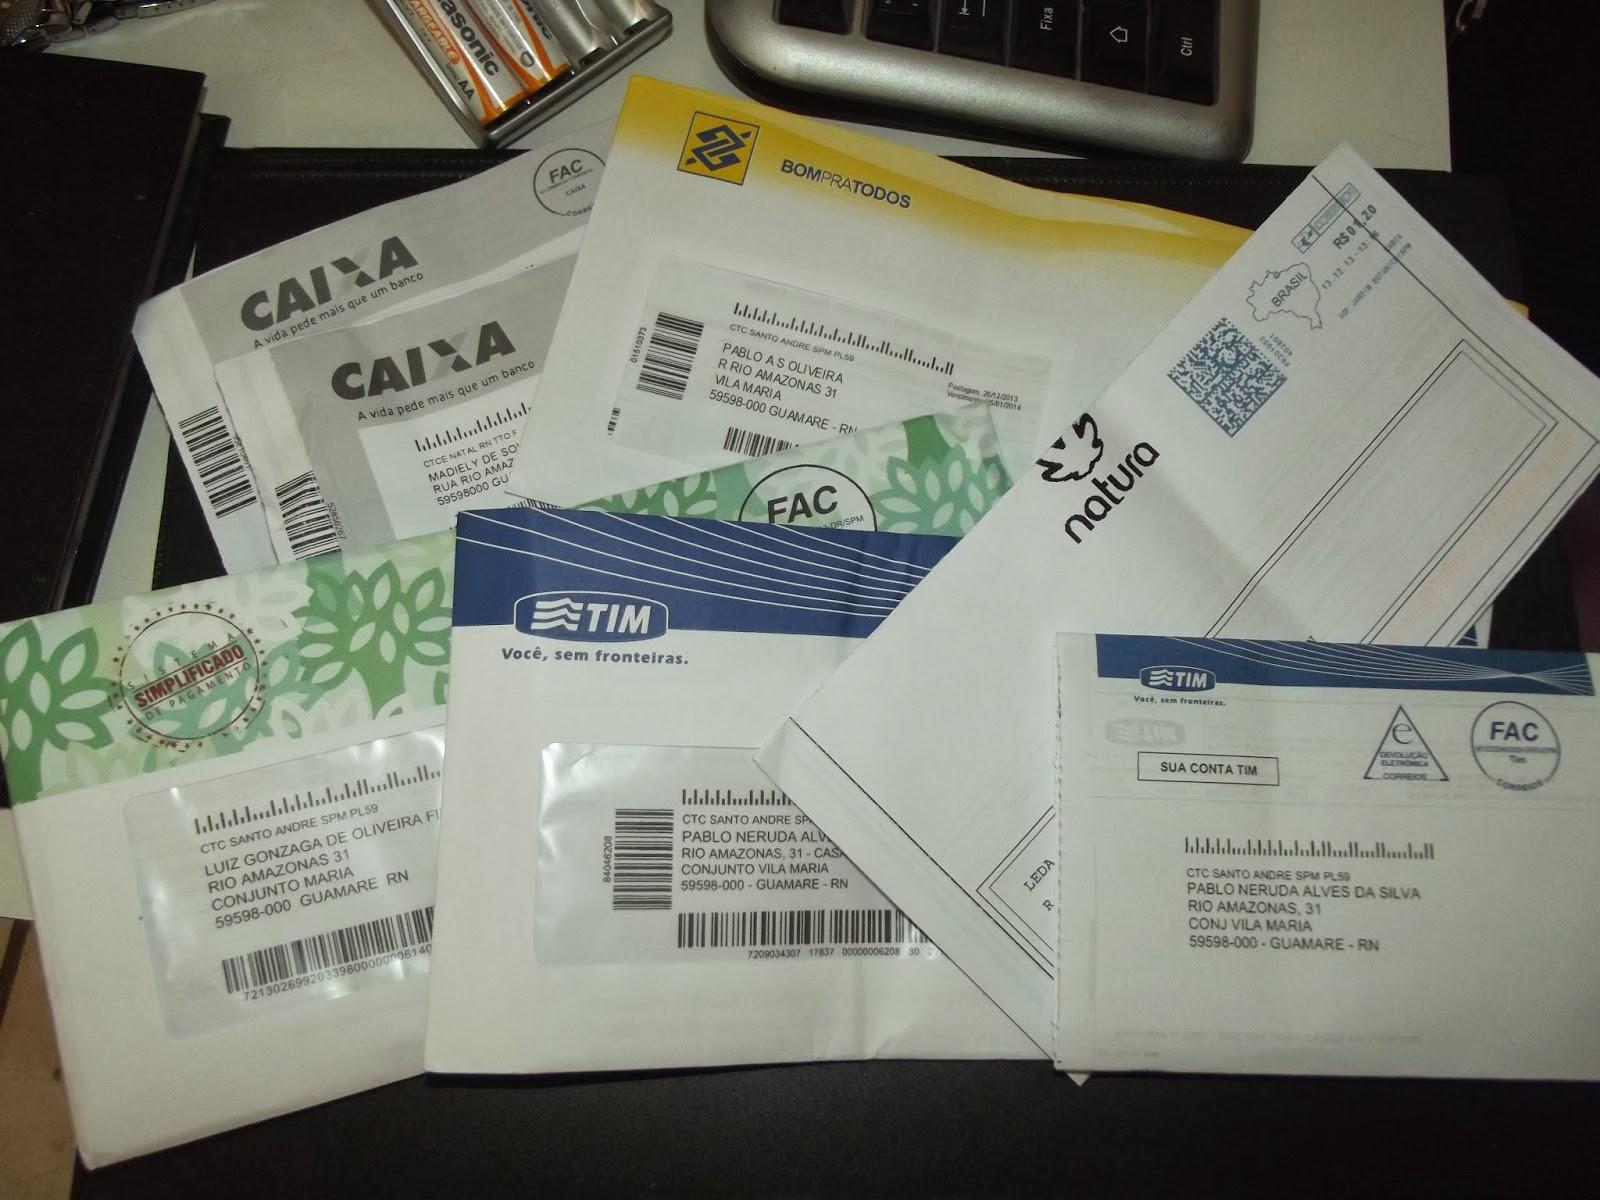 Resultado de imagem para agencia dos correios guamaré